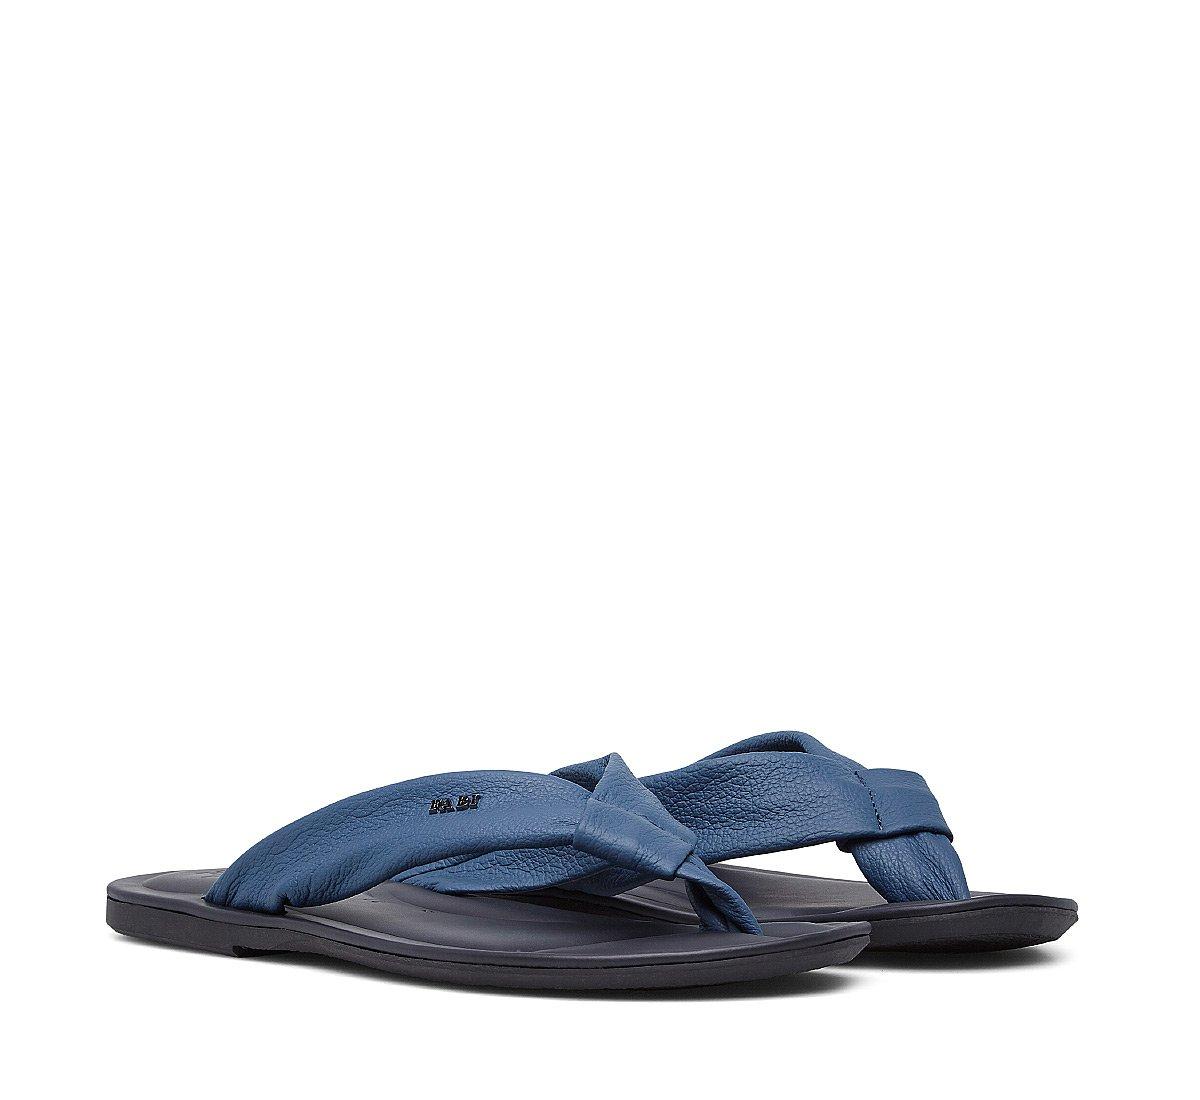 Sandalo Infradito in nappa